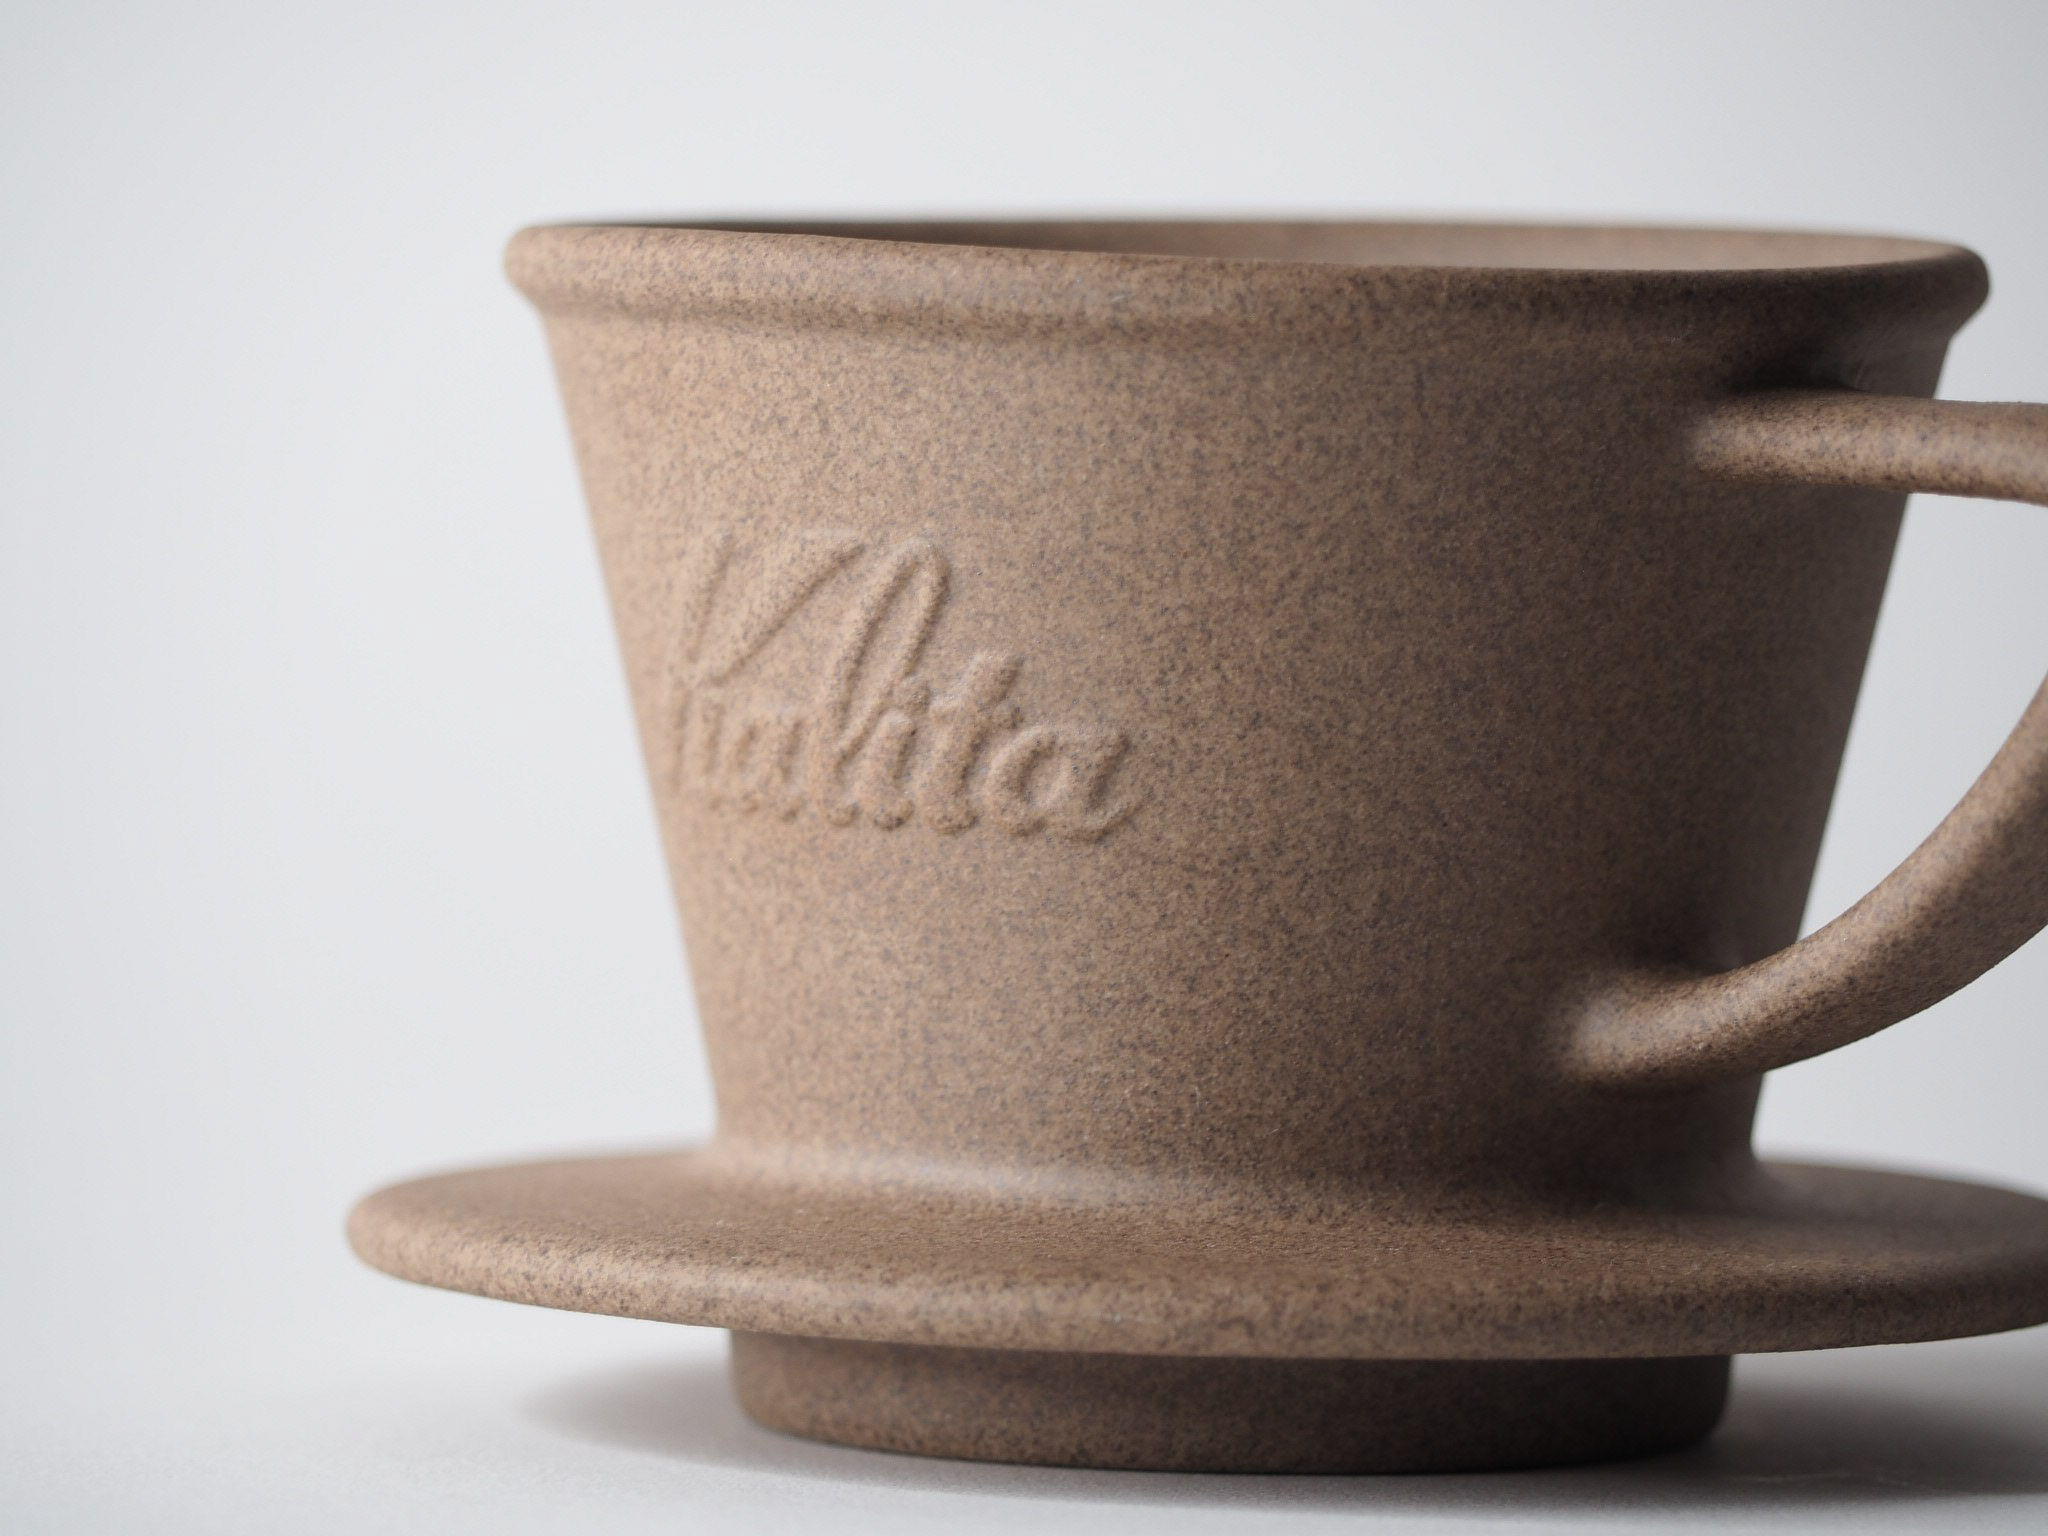 Kalita x Hasami porcelain